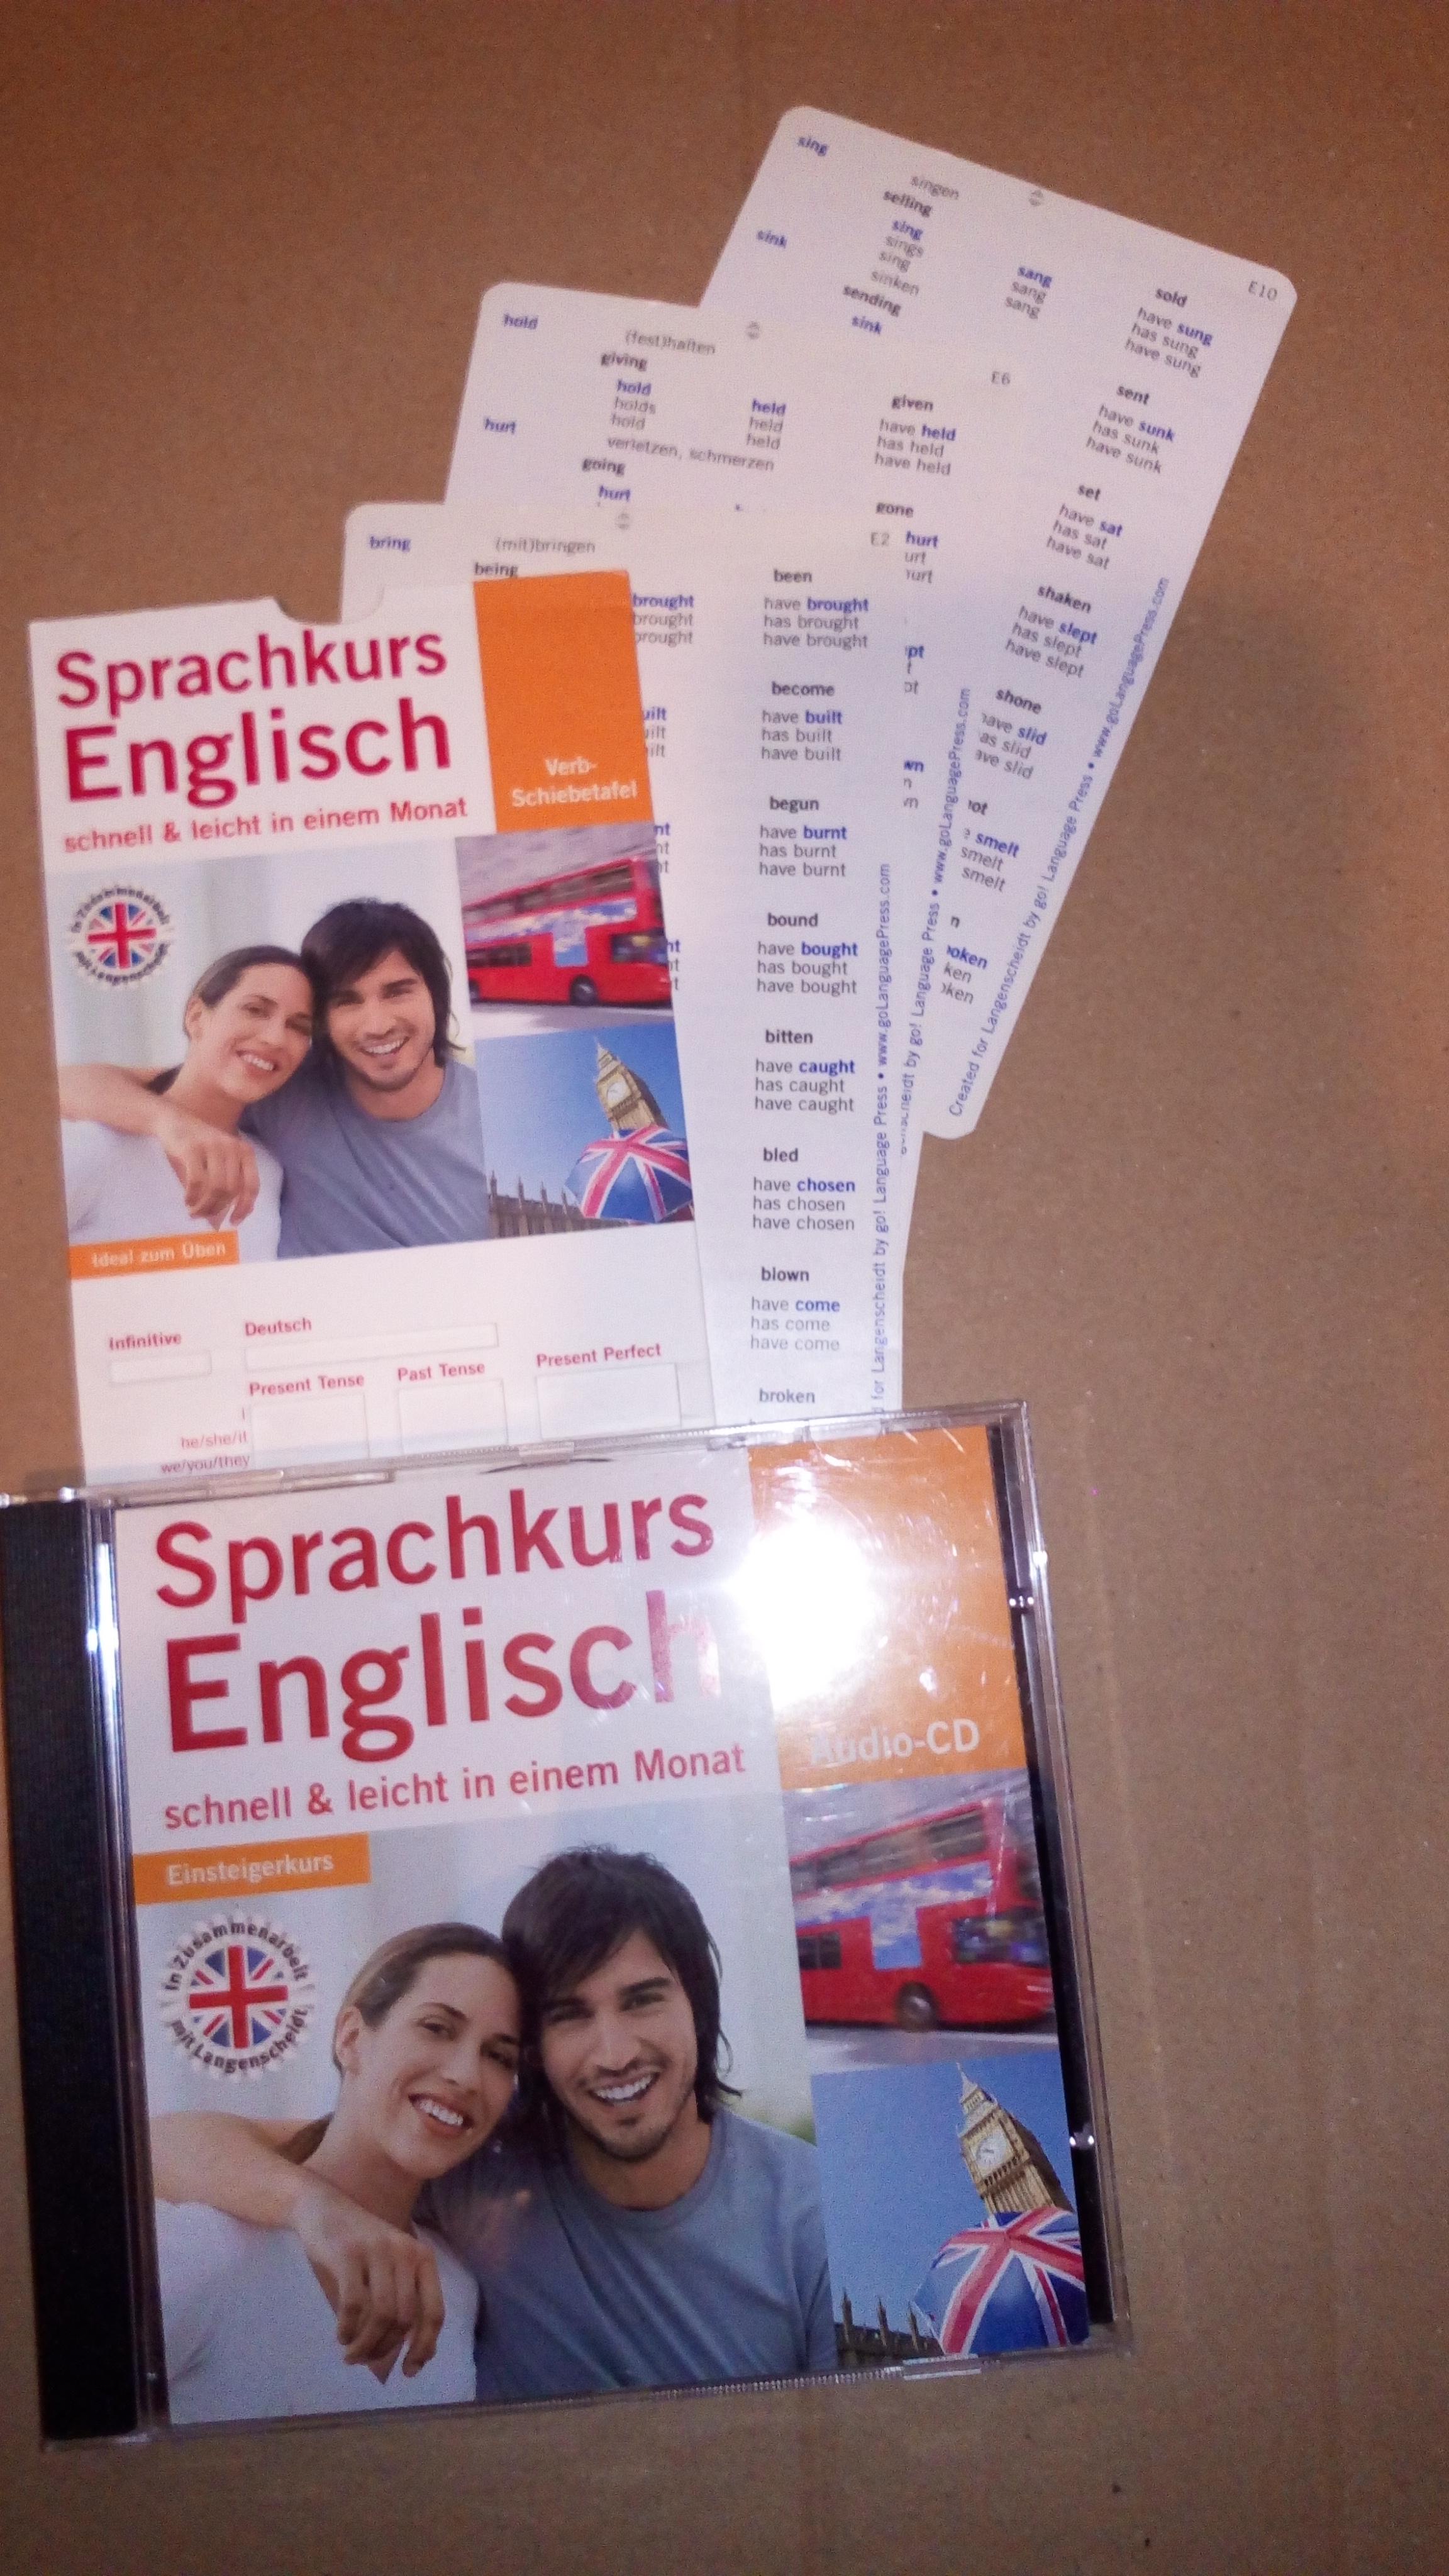 Englisch-Sprachkurs CD tauschen